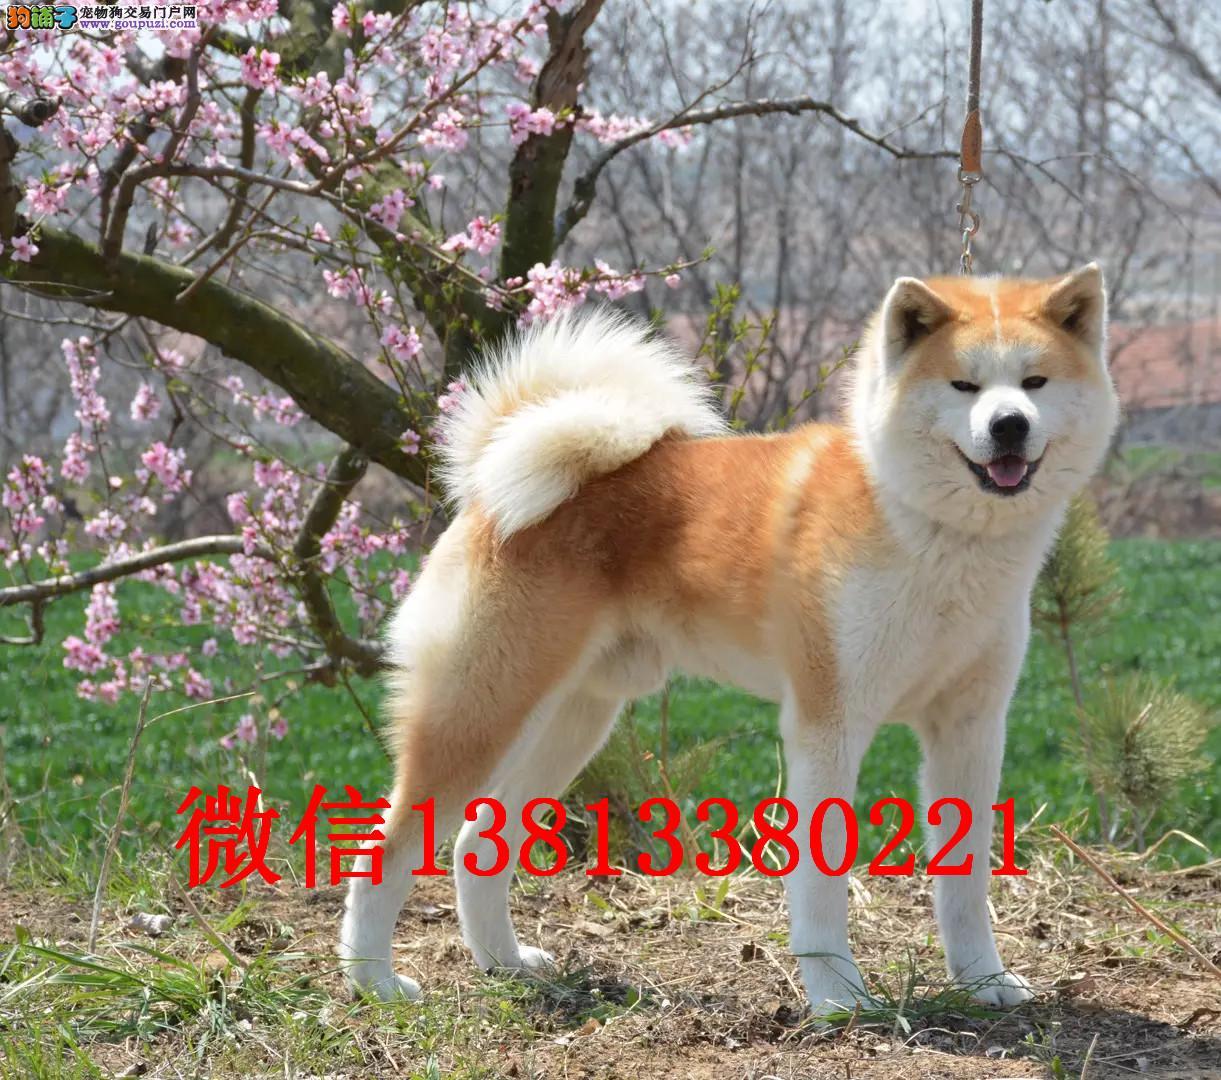 吉林哪里有纯种秋田犬出售纯种秋田多少钱一只日系秋田